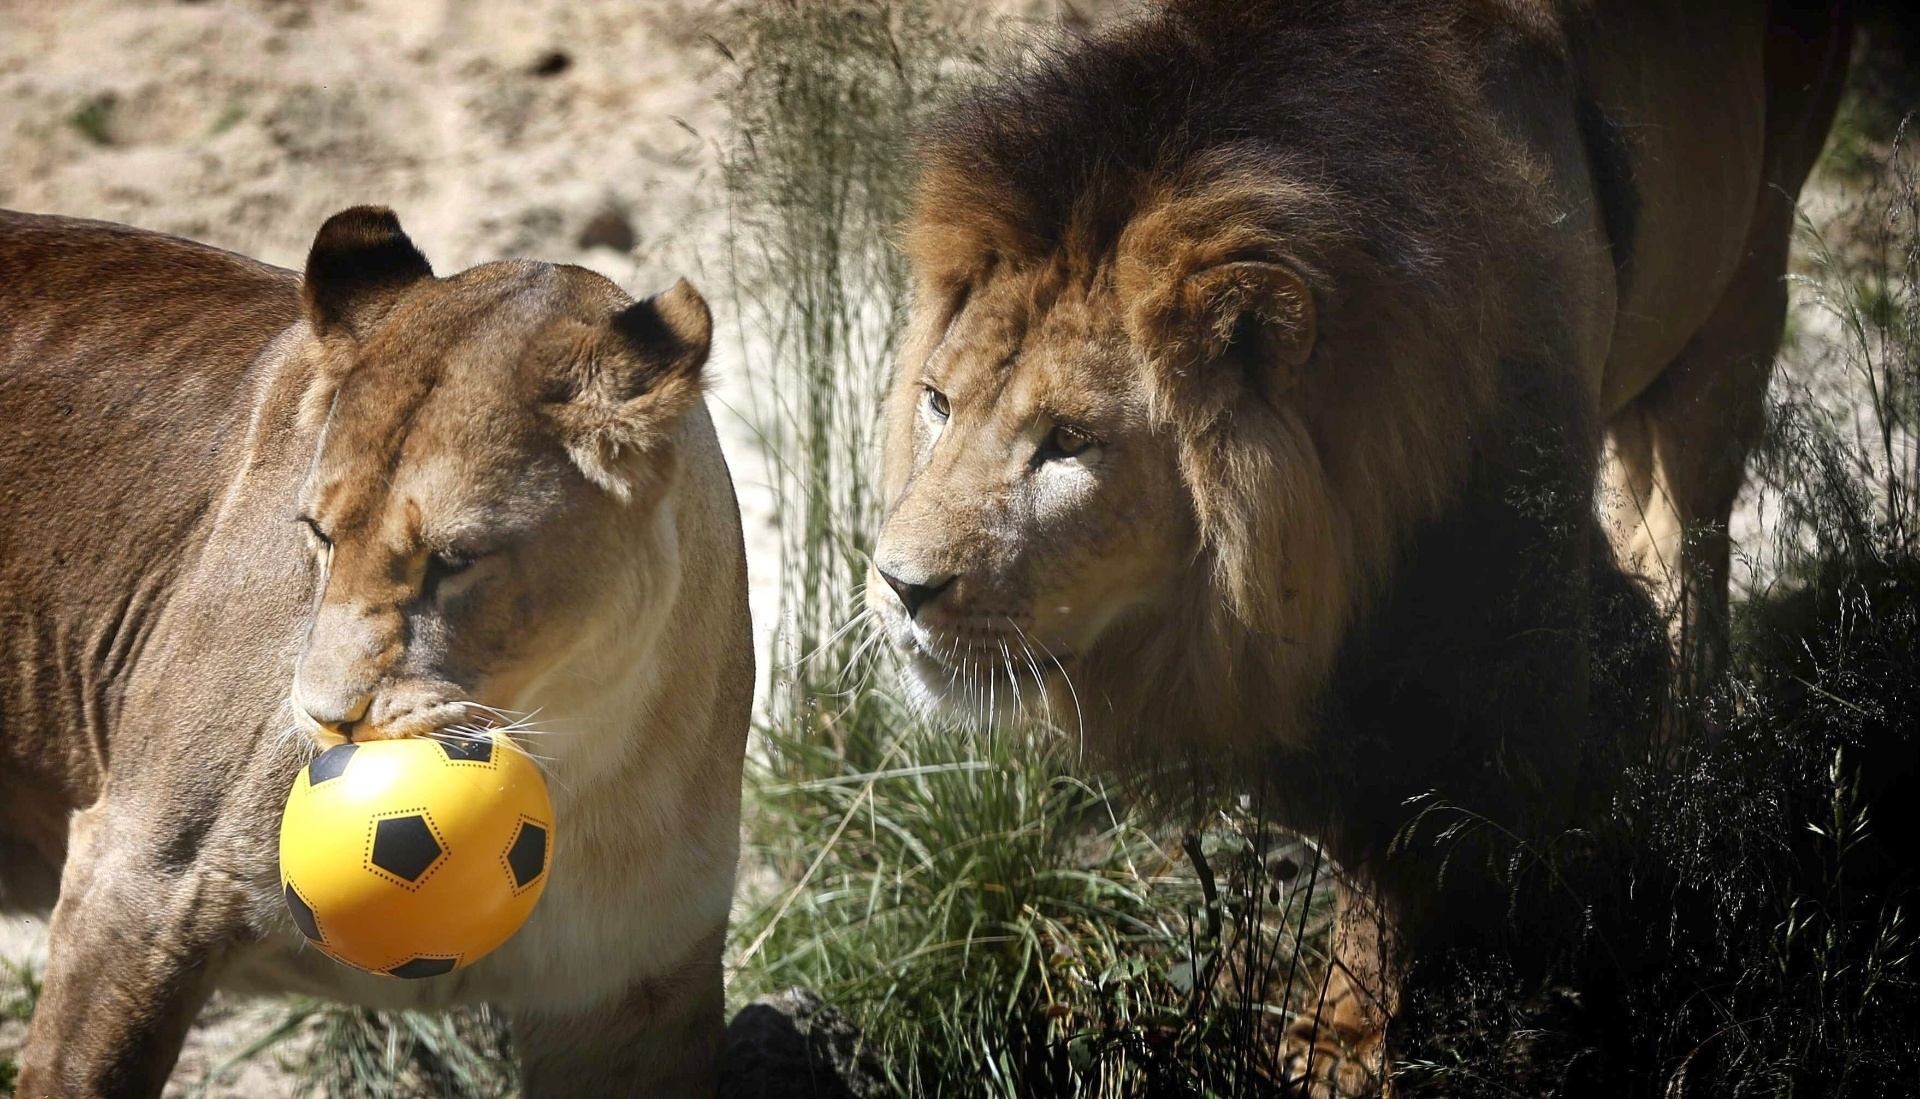 A leoa Brandy, acompanha de perto pelo leão, virou vidente e apontou a Holanda como vencedora no próximo duelo contra a Austrália; Os bichos estão no zoológico de Emmen, na Holanda